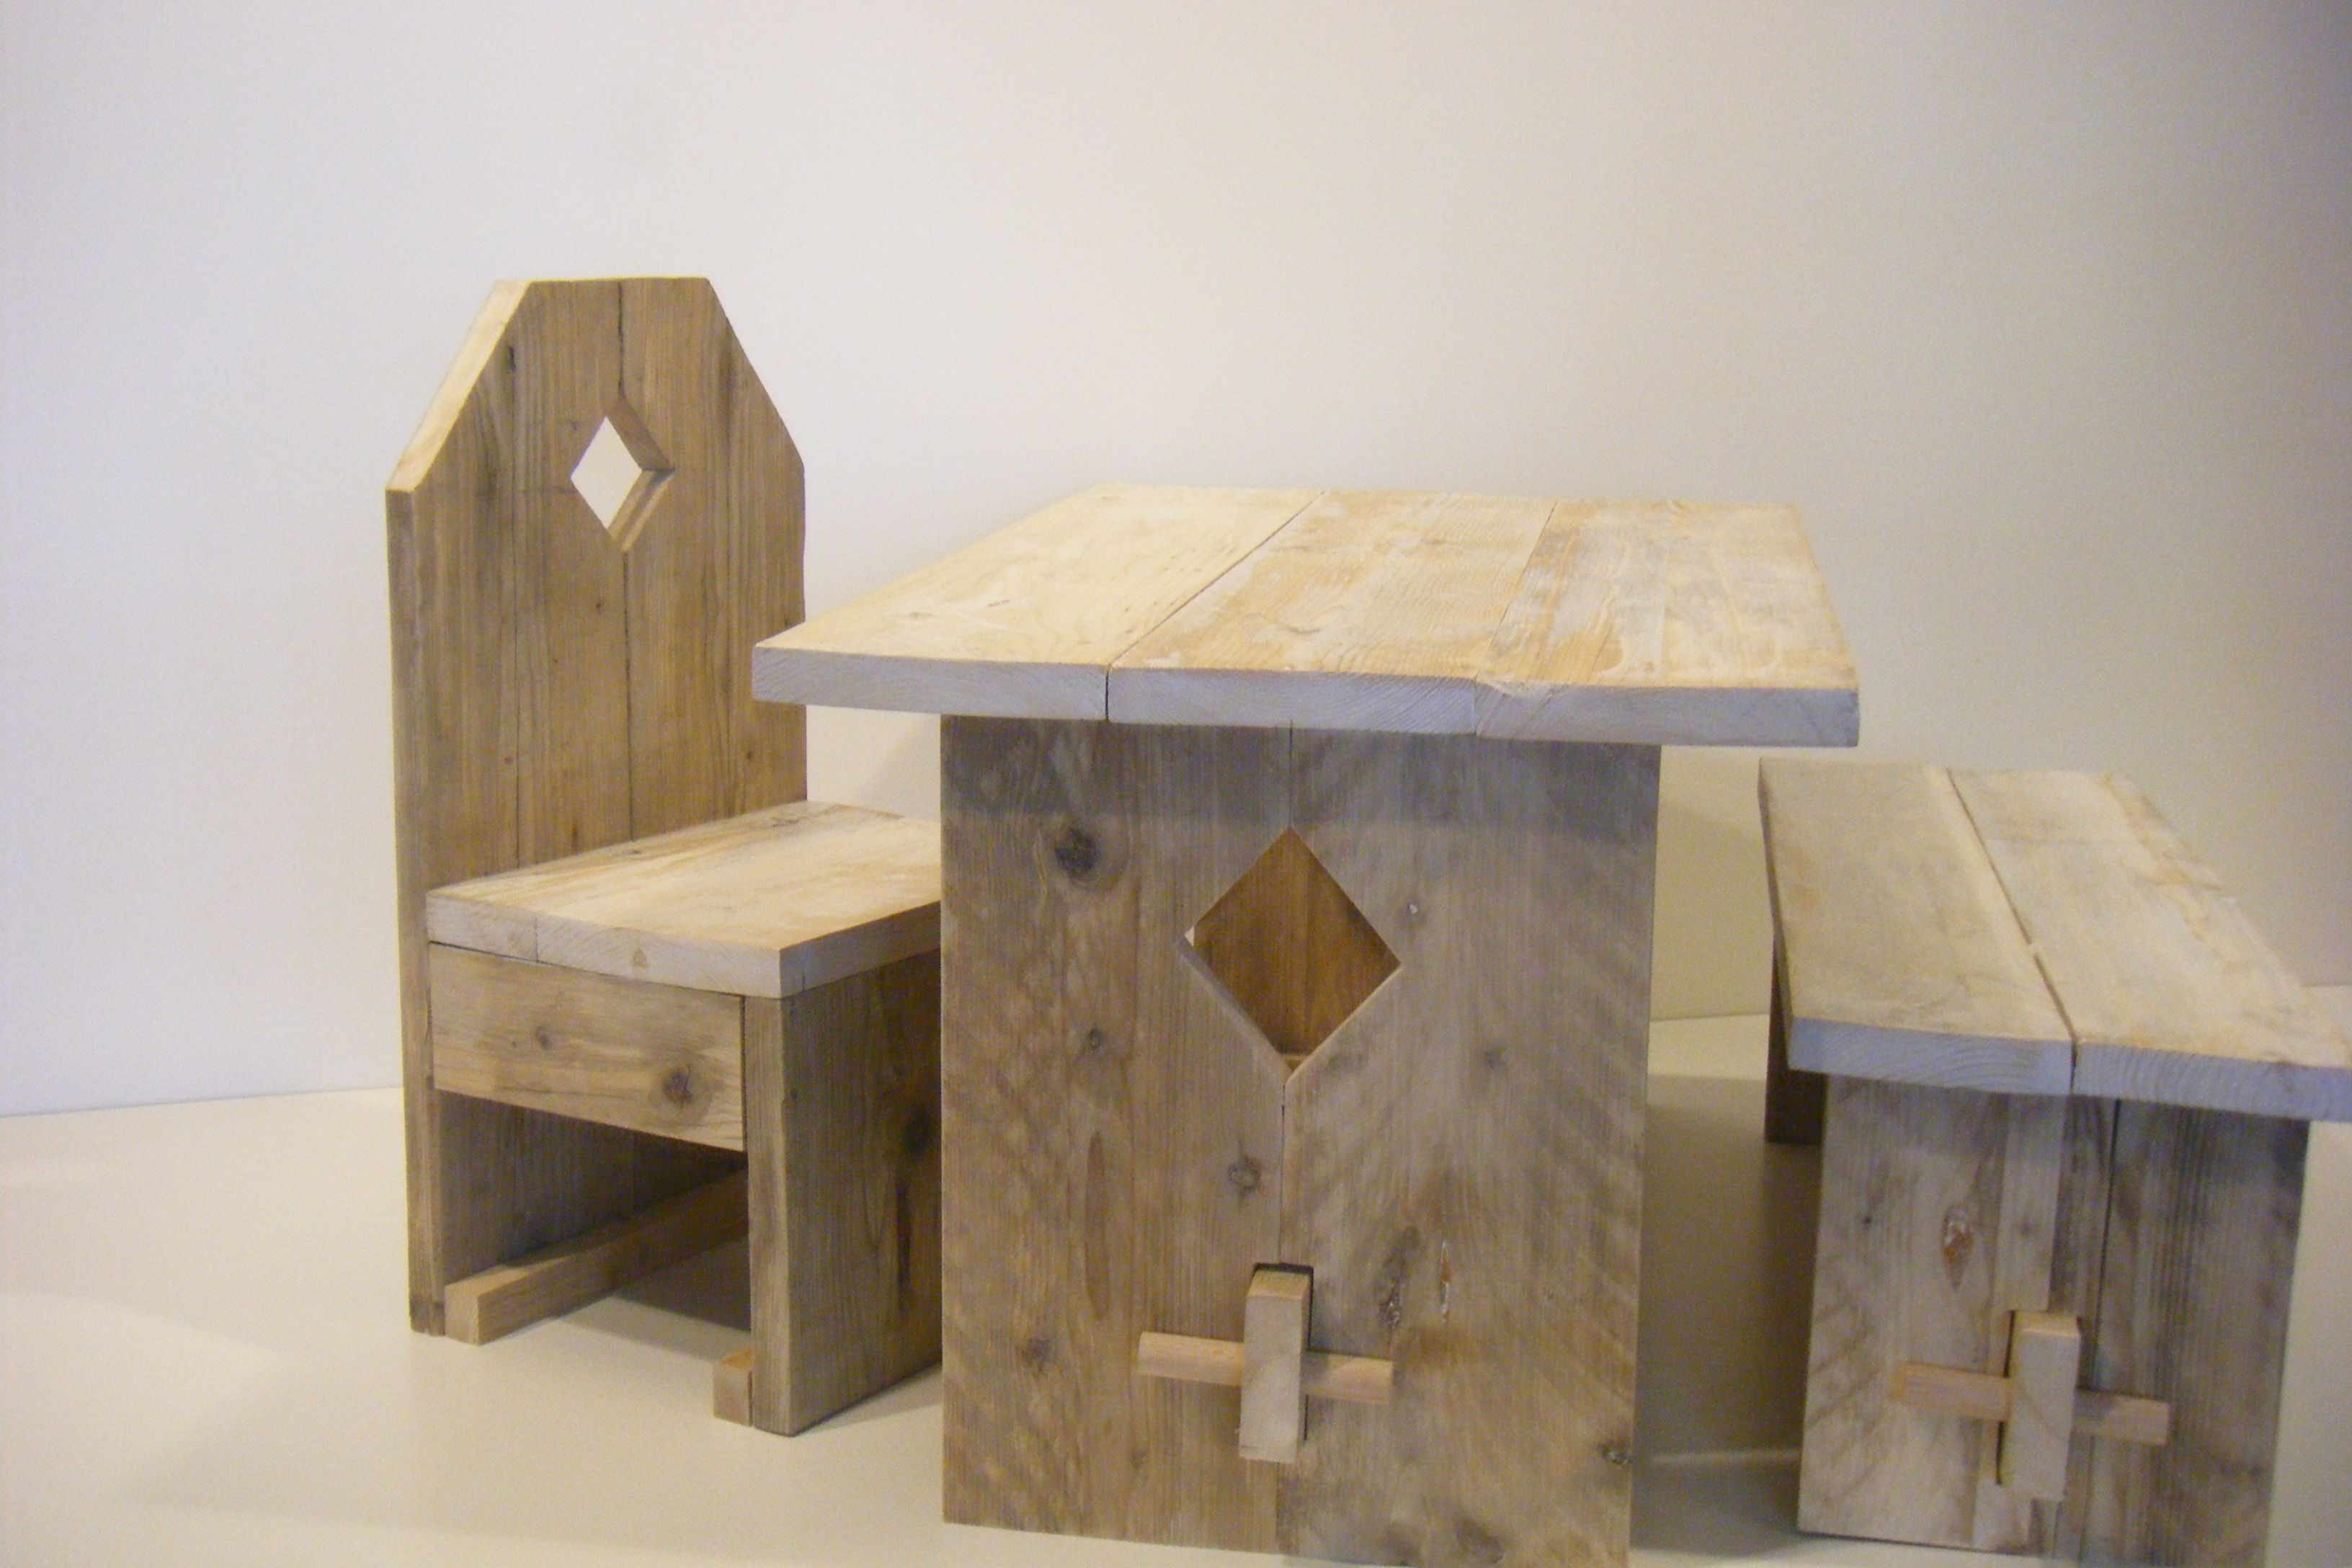 Kindertafel En Stoel : Houten kindertafel stoel van dave keune wonen rabboon